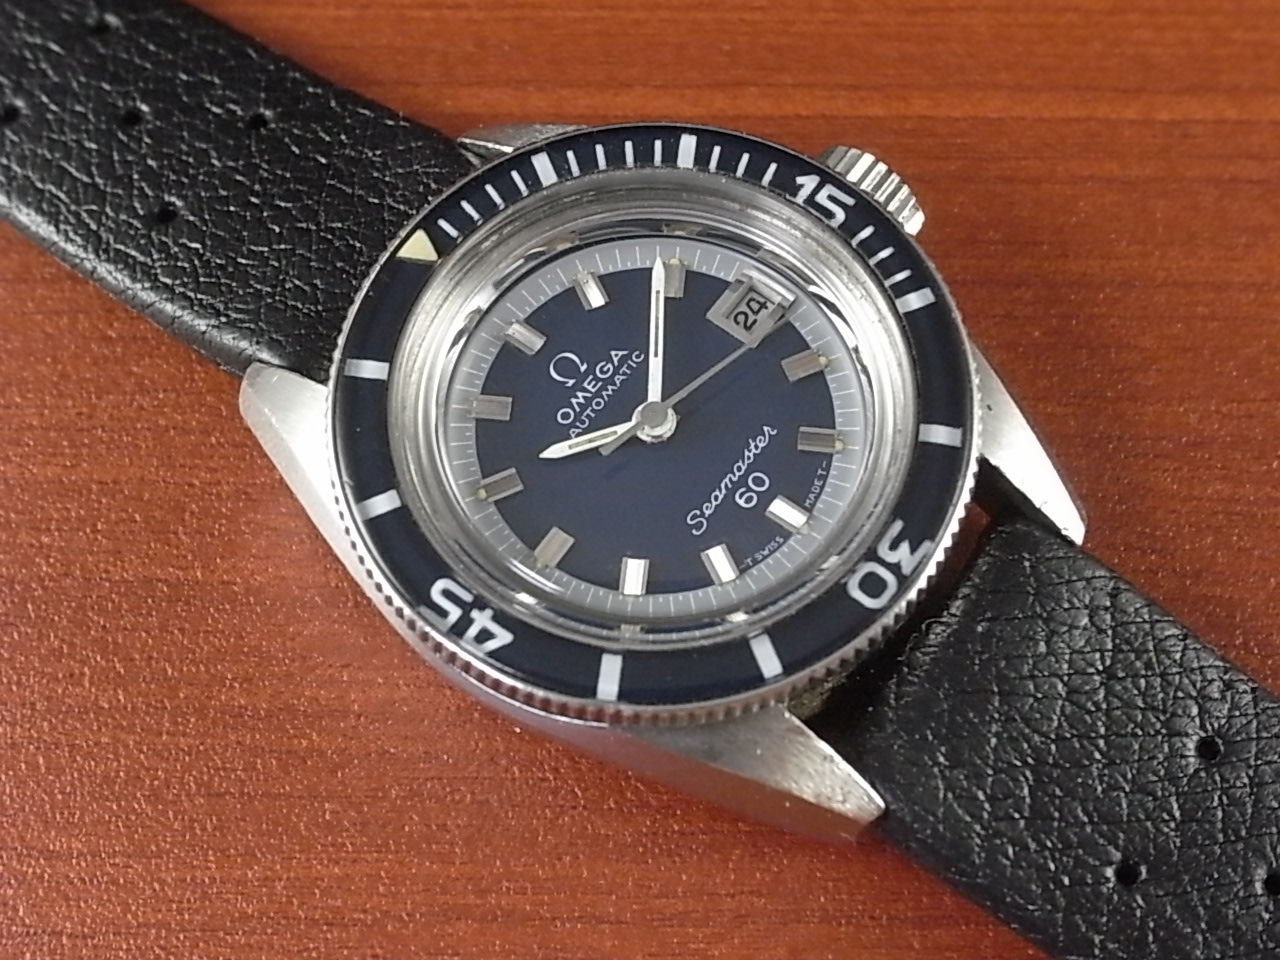 オメガ シーマスター60 レディース ダイバーズウォッチ 1970年代のメイン写真